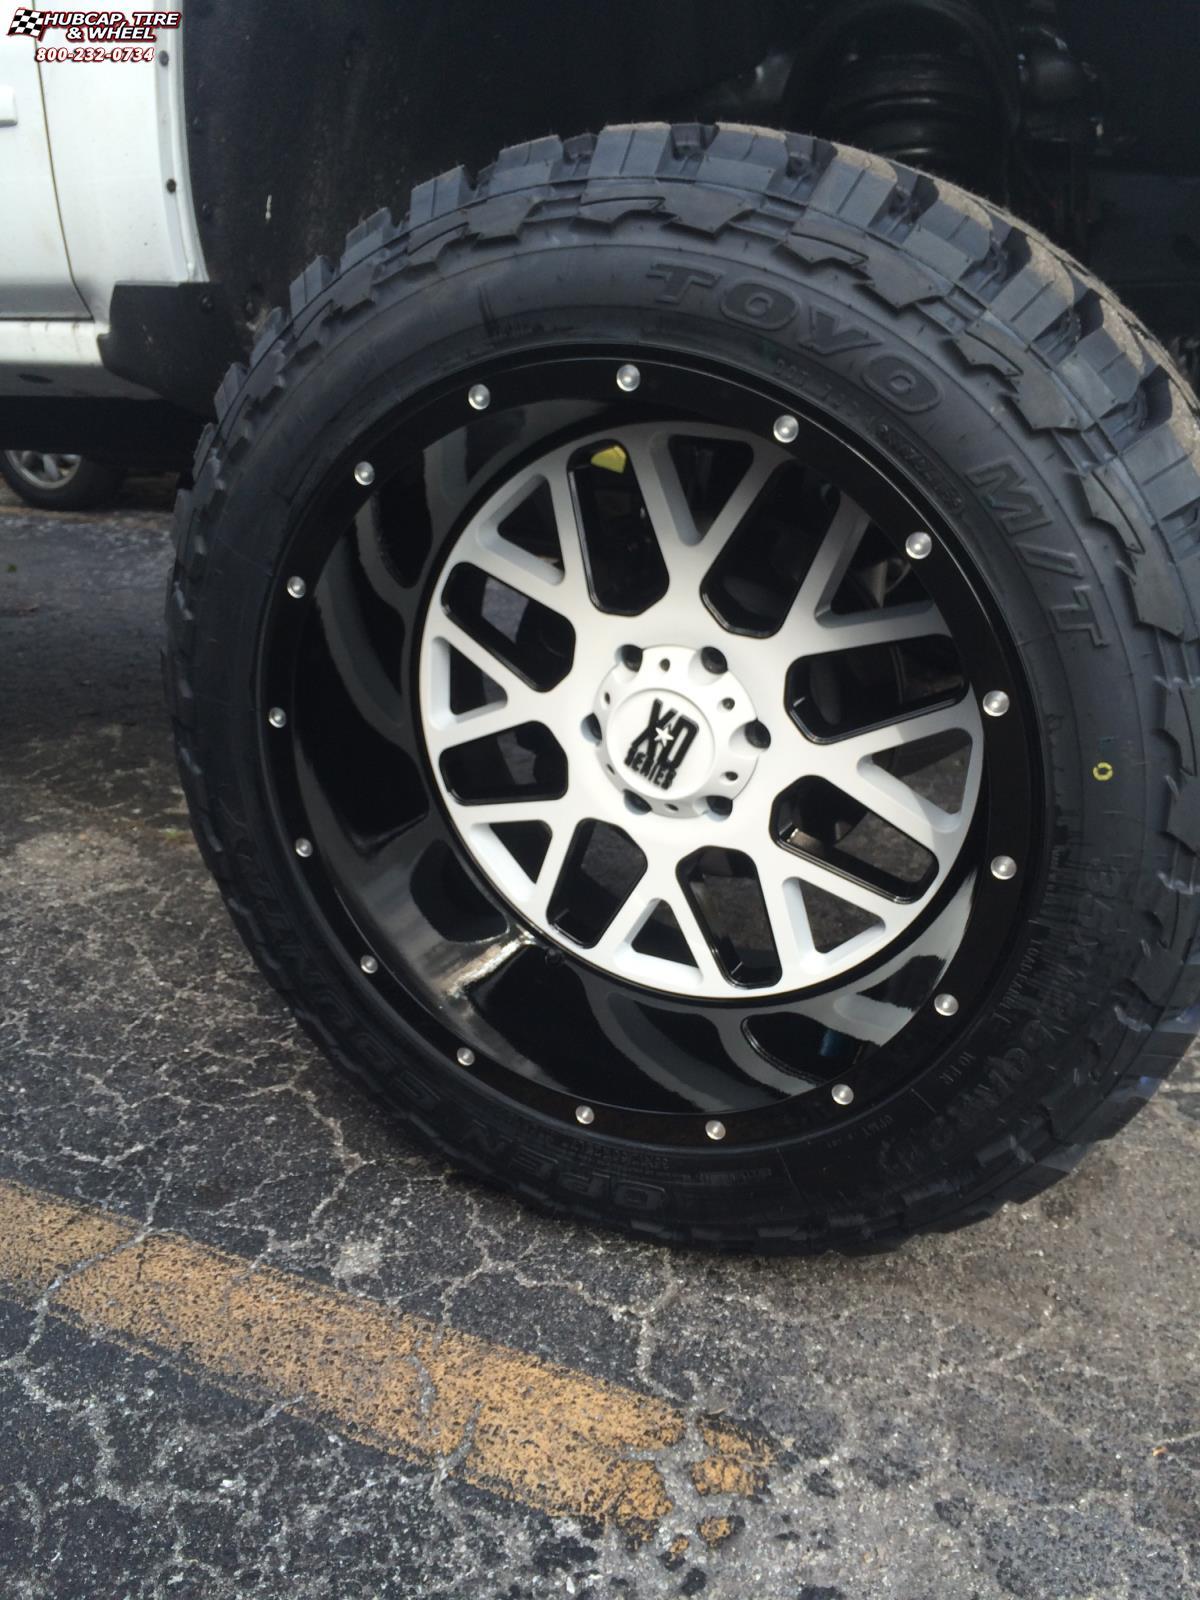 Chevrolet Silverado 1500 XD Series XD820 Grenade Wheels